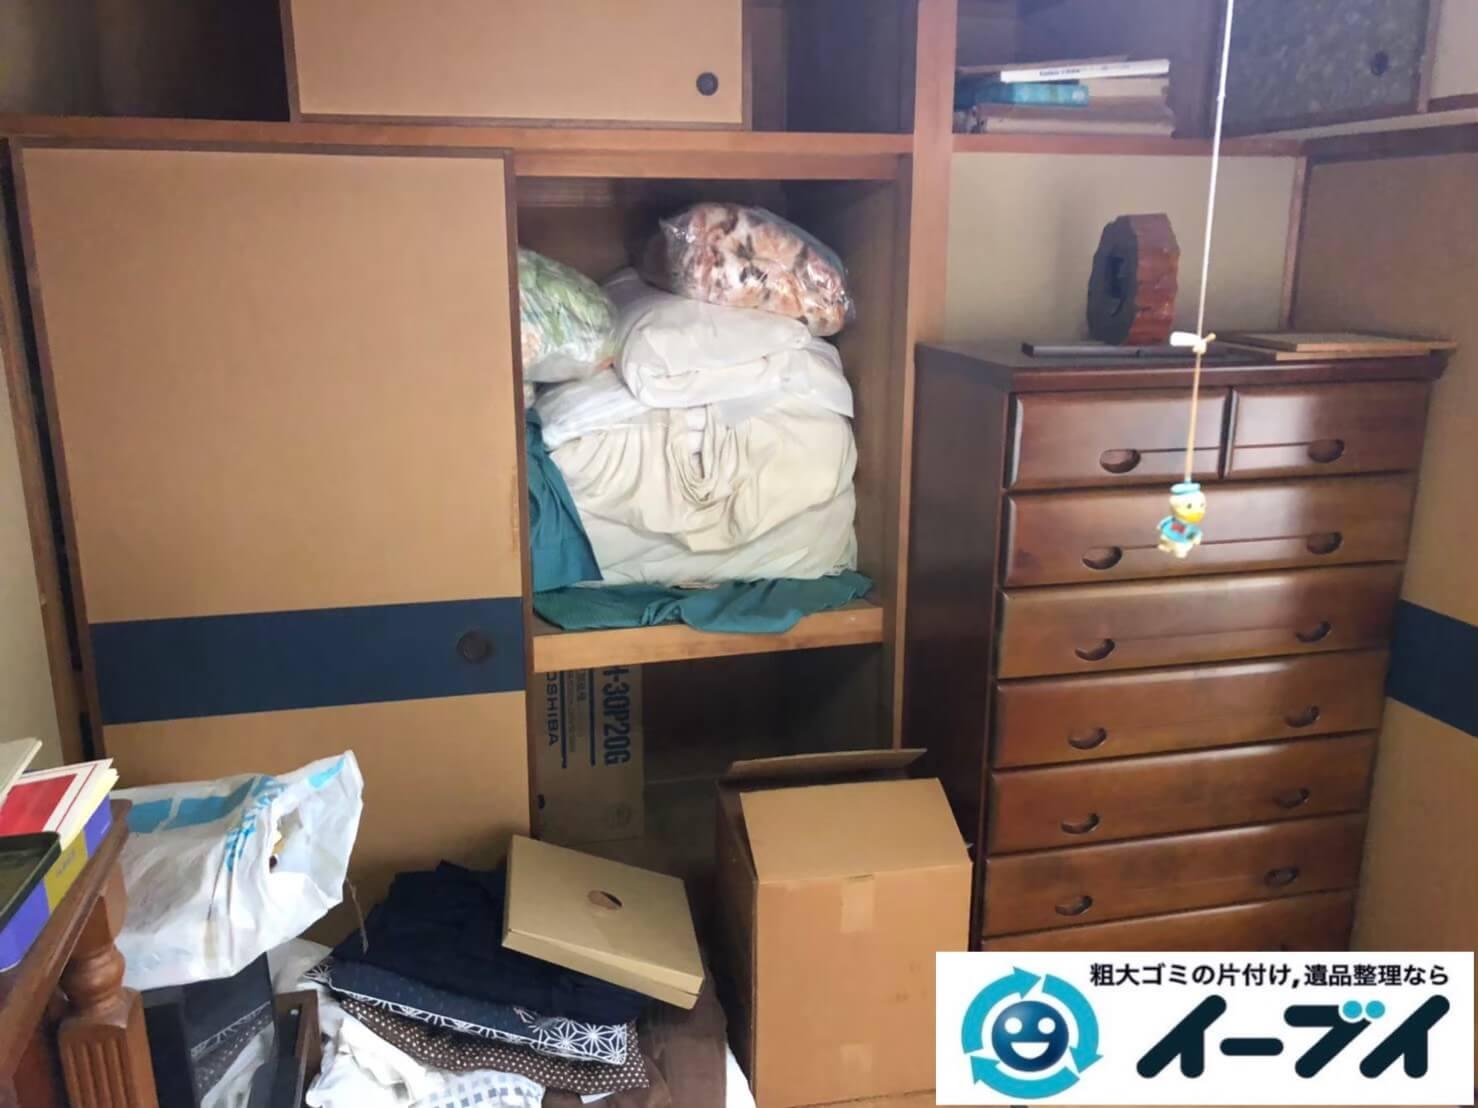 2020年10月5日大阪府松原市で退居に伴い、お家の家財道具などの残置物を不用品回収させていただきました。写真4